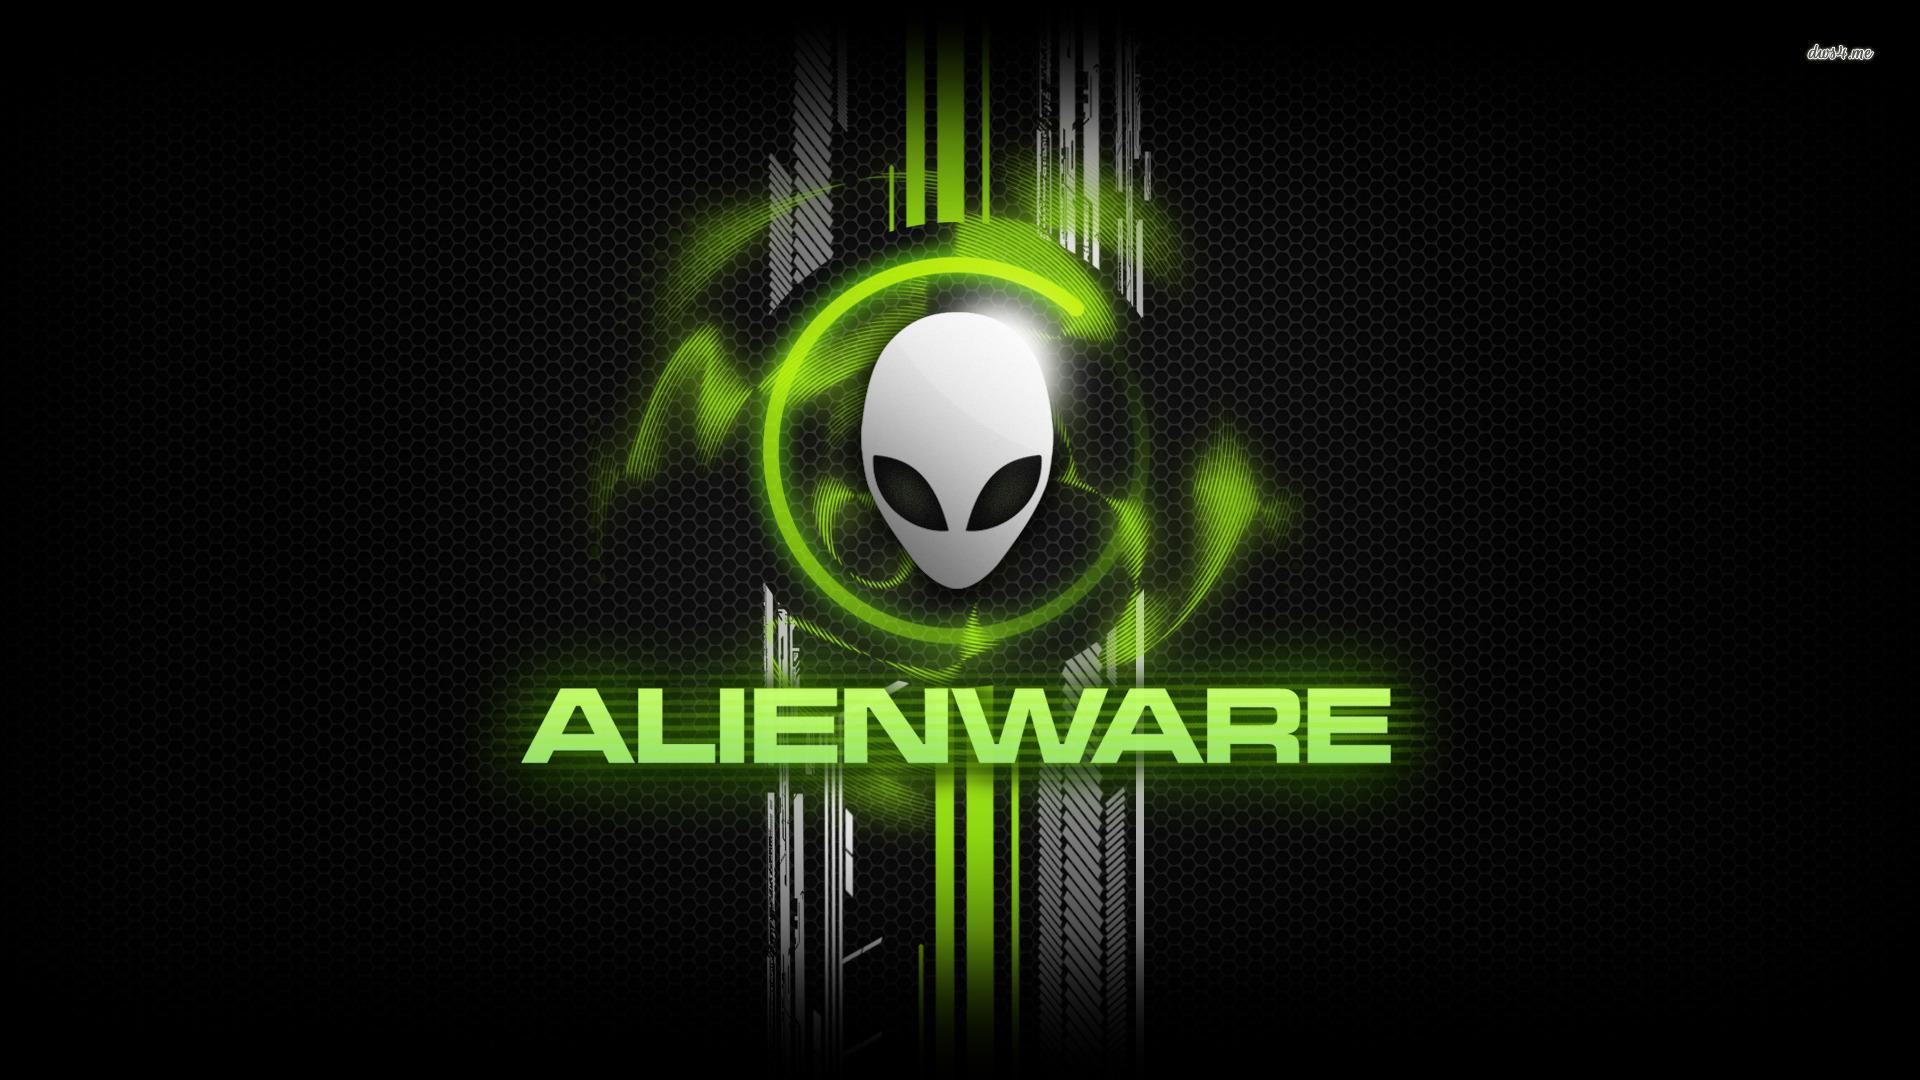 Alienware wallpapers HD   273120 1920x1080